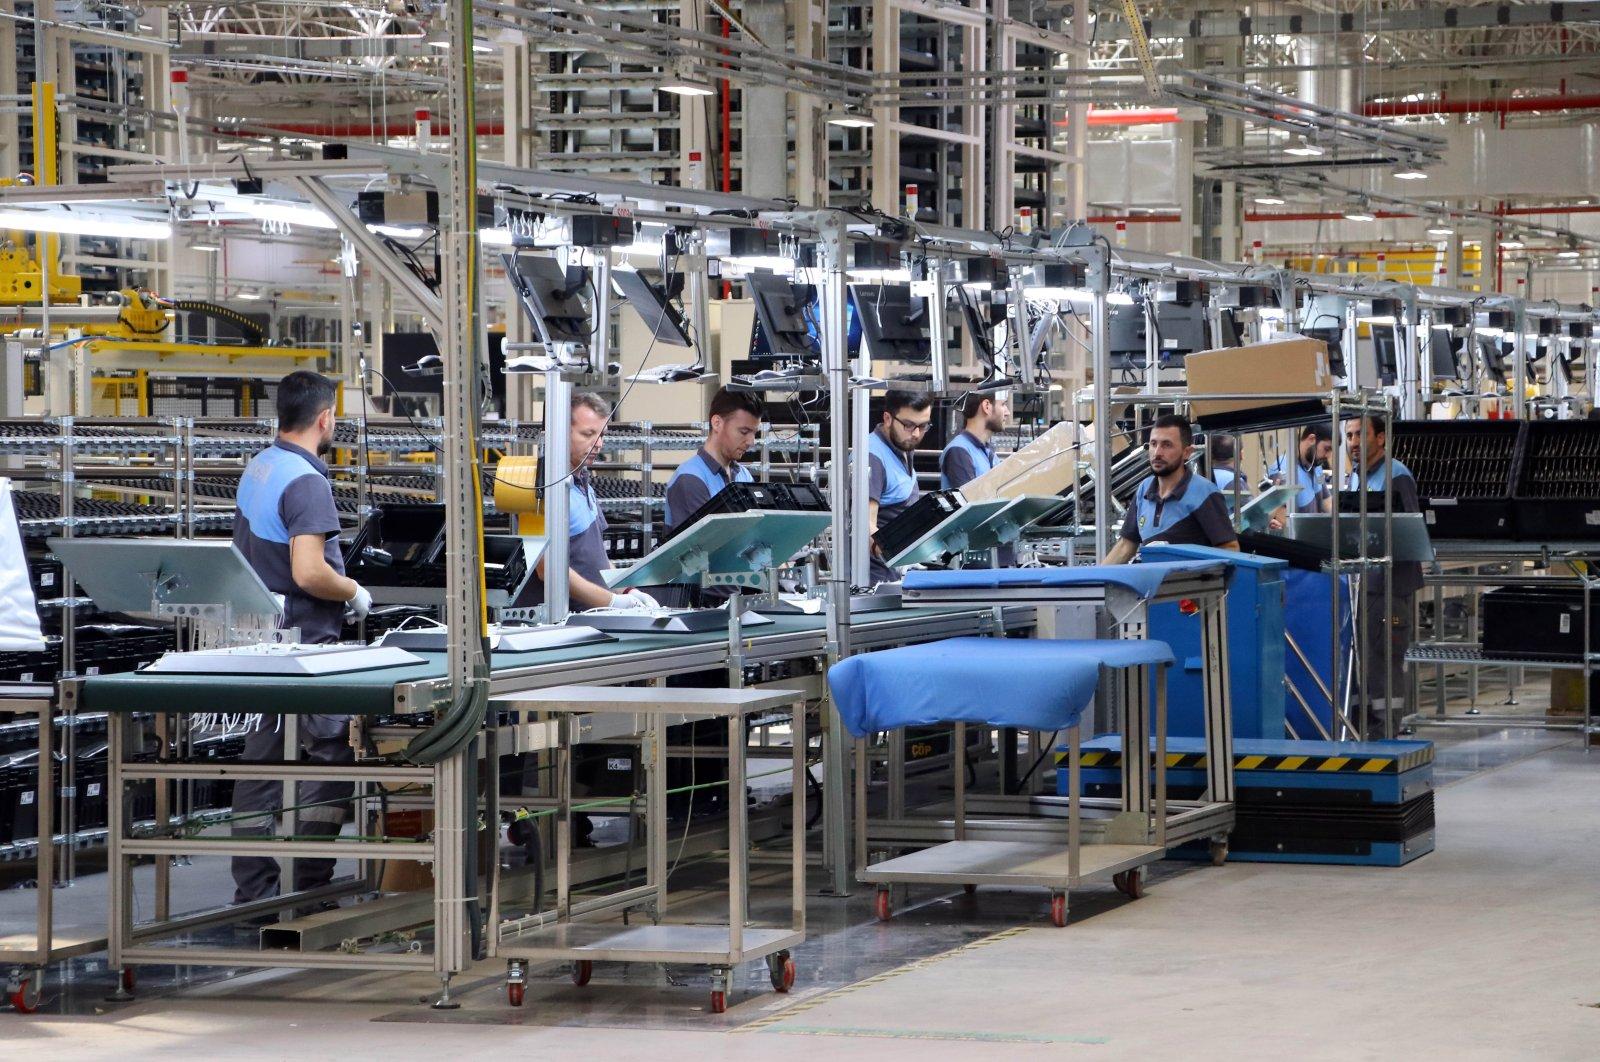 People are seen working at home appliance maker Arçelik's smart TV factory in Çerkezköy, an industrial district in Turkey's Tekirdağ, Oct. 29, 2018. (AA Photo)